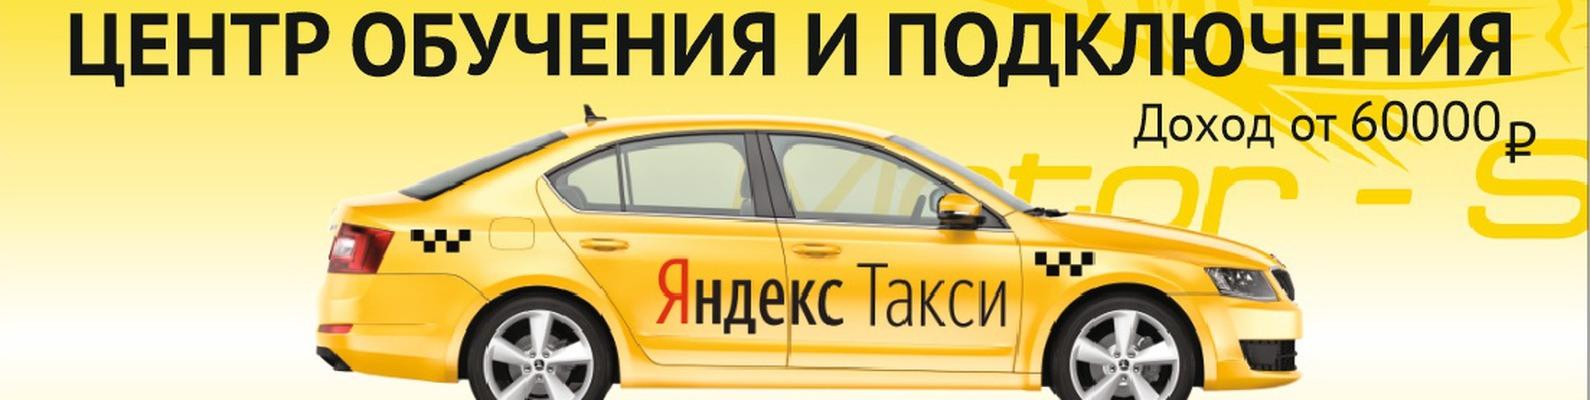 как устроиться в яндекс такси оренбург онлайн